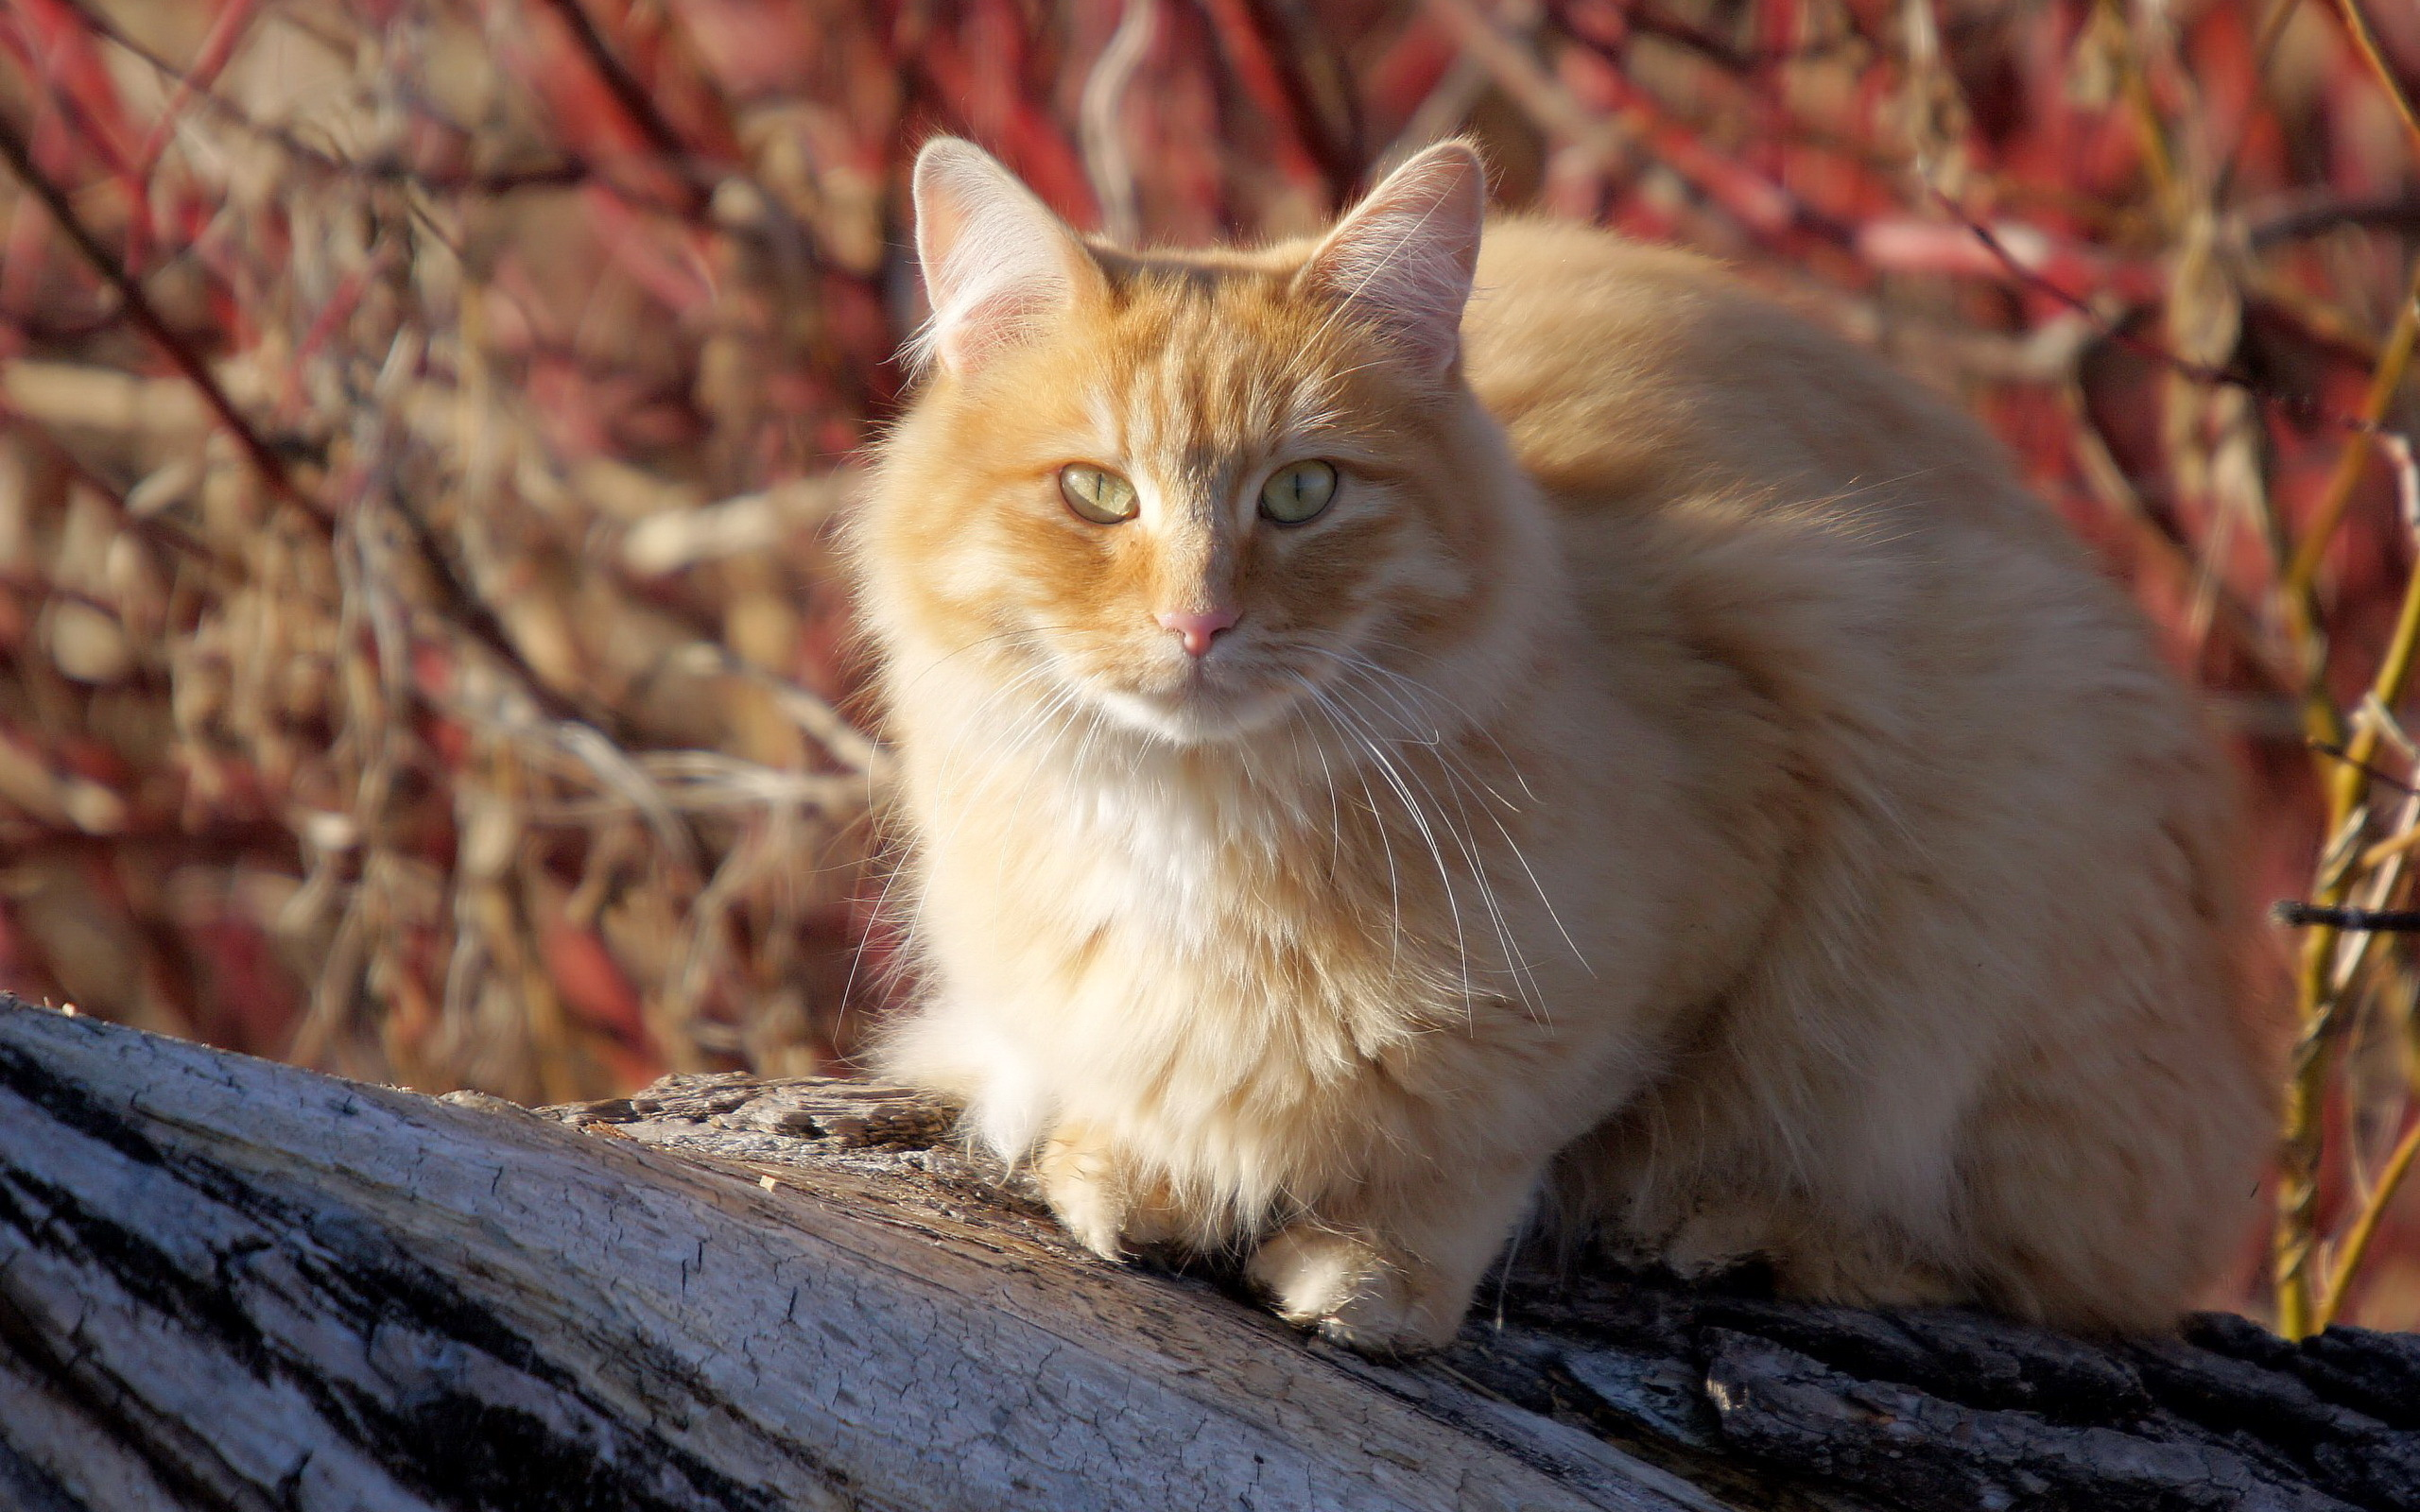 природа животные рыжий кот  № 940988 загрузить